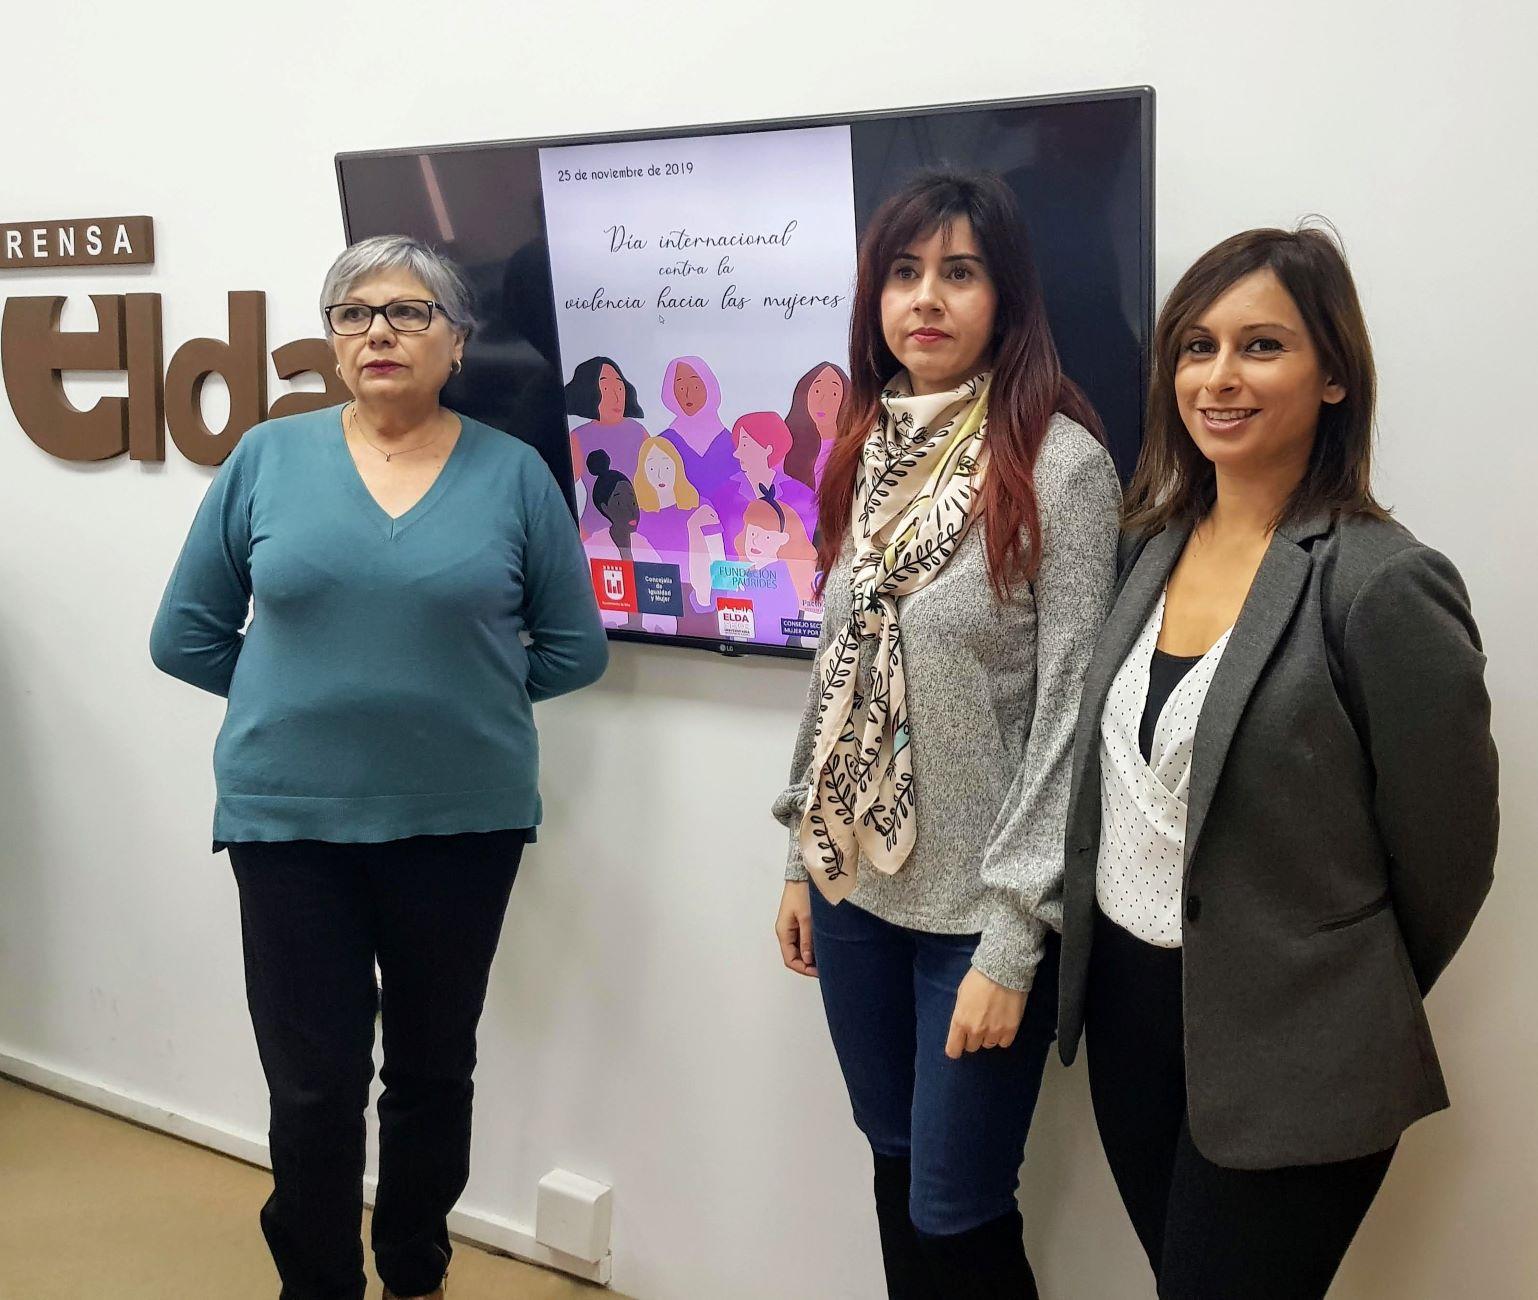 Elda se suma al 'Día Internacional contra la Violencia hacia las Mujeres' con un programa de charlas, talleres, teatro y exposiciones